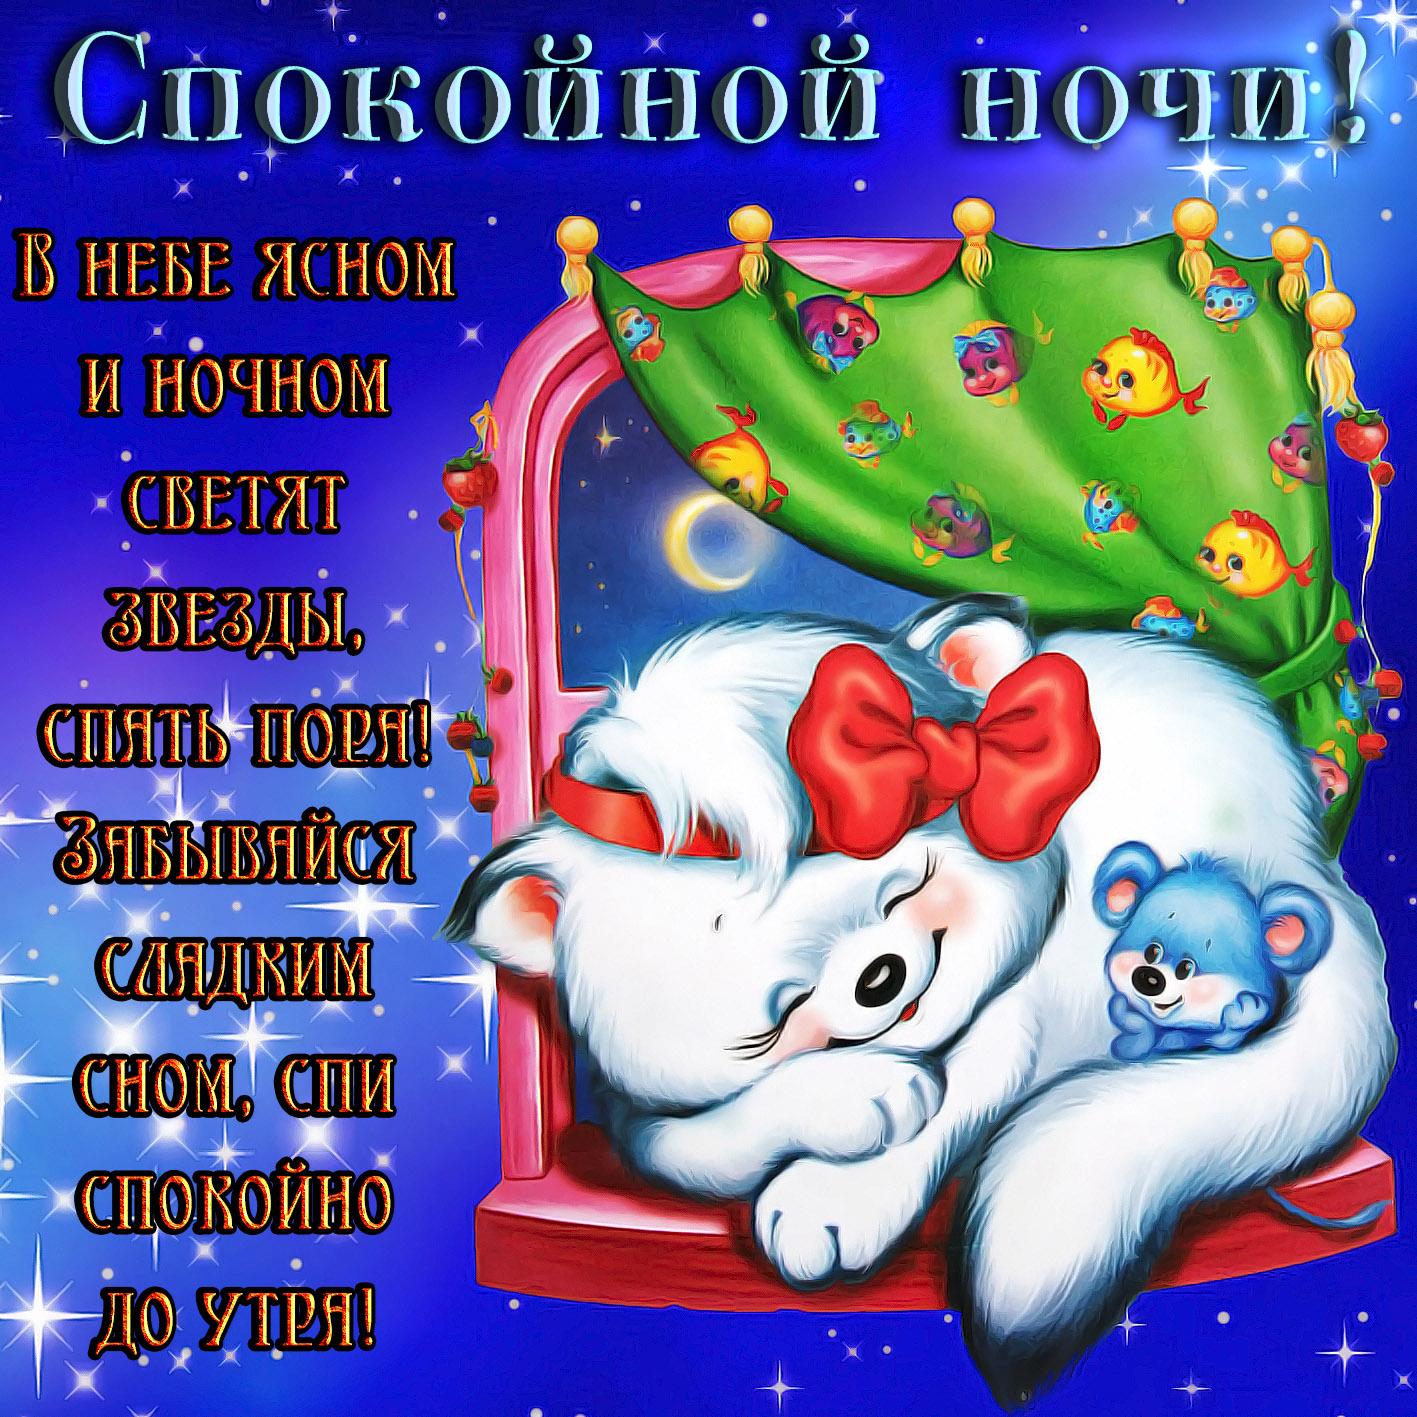 Картинки, классные открытки с пожеланиями спокойной ночи